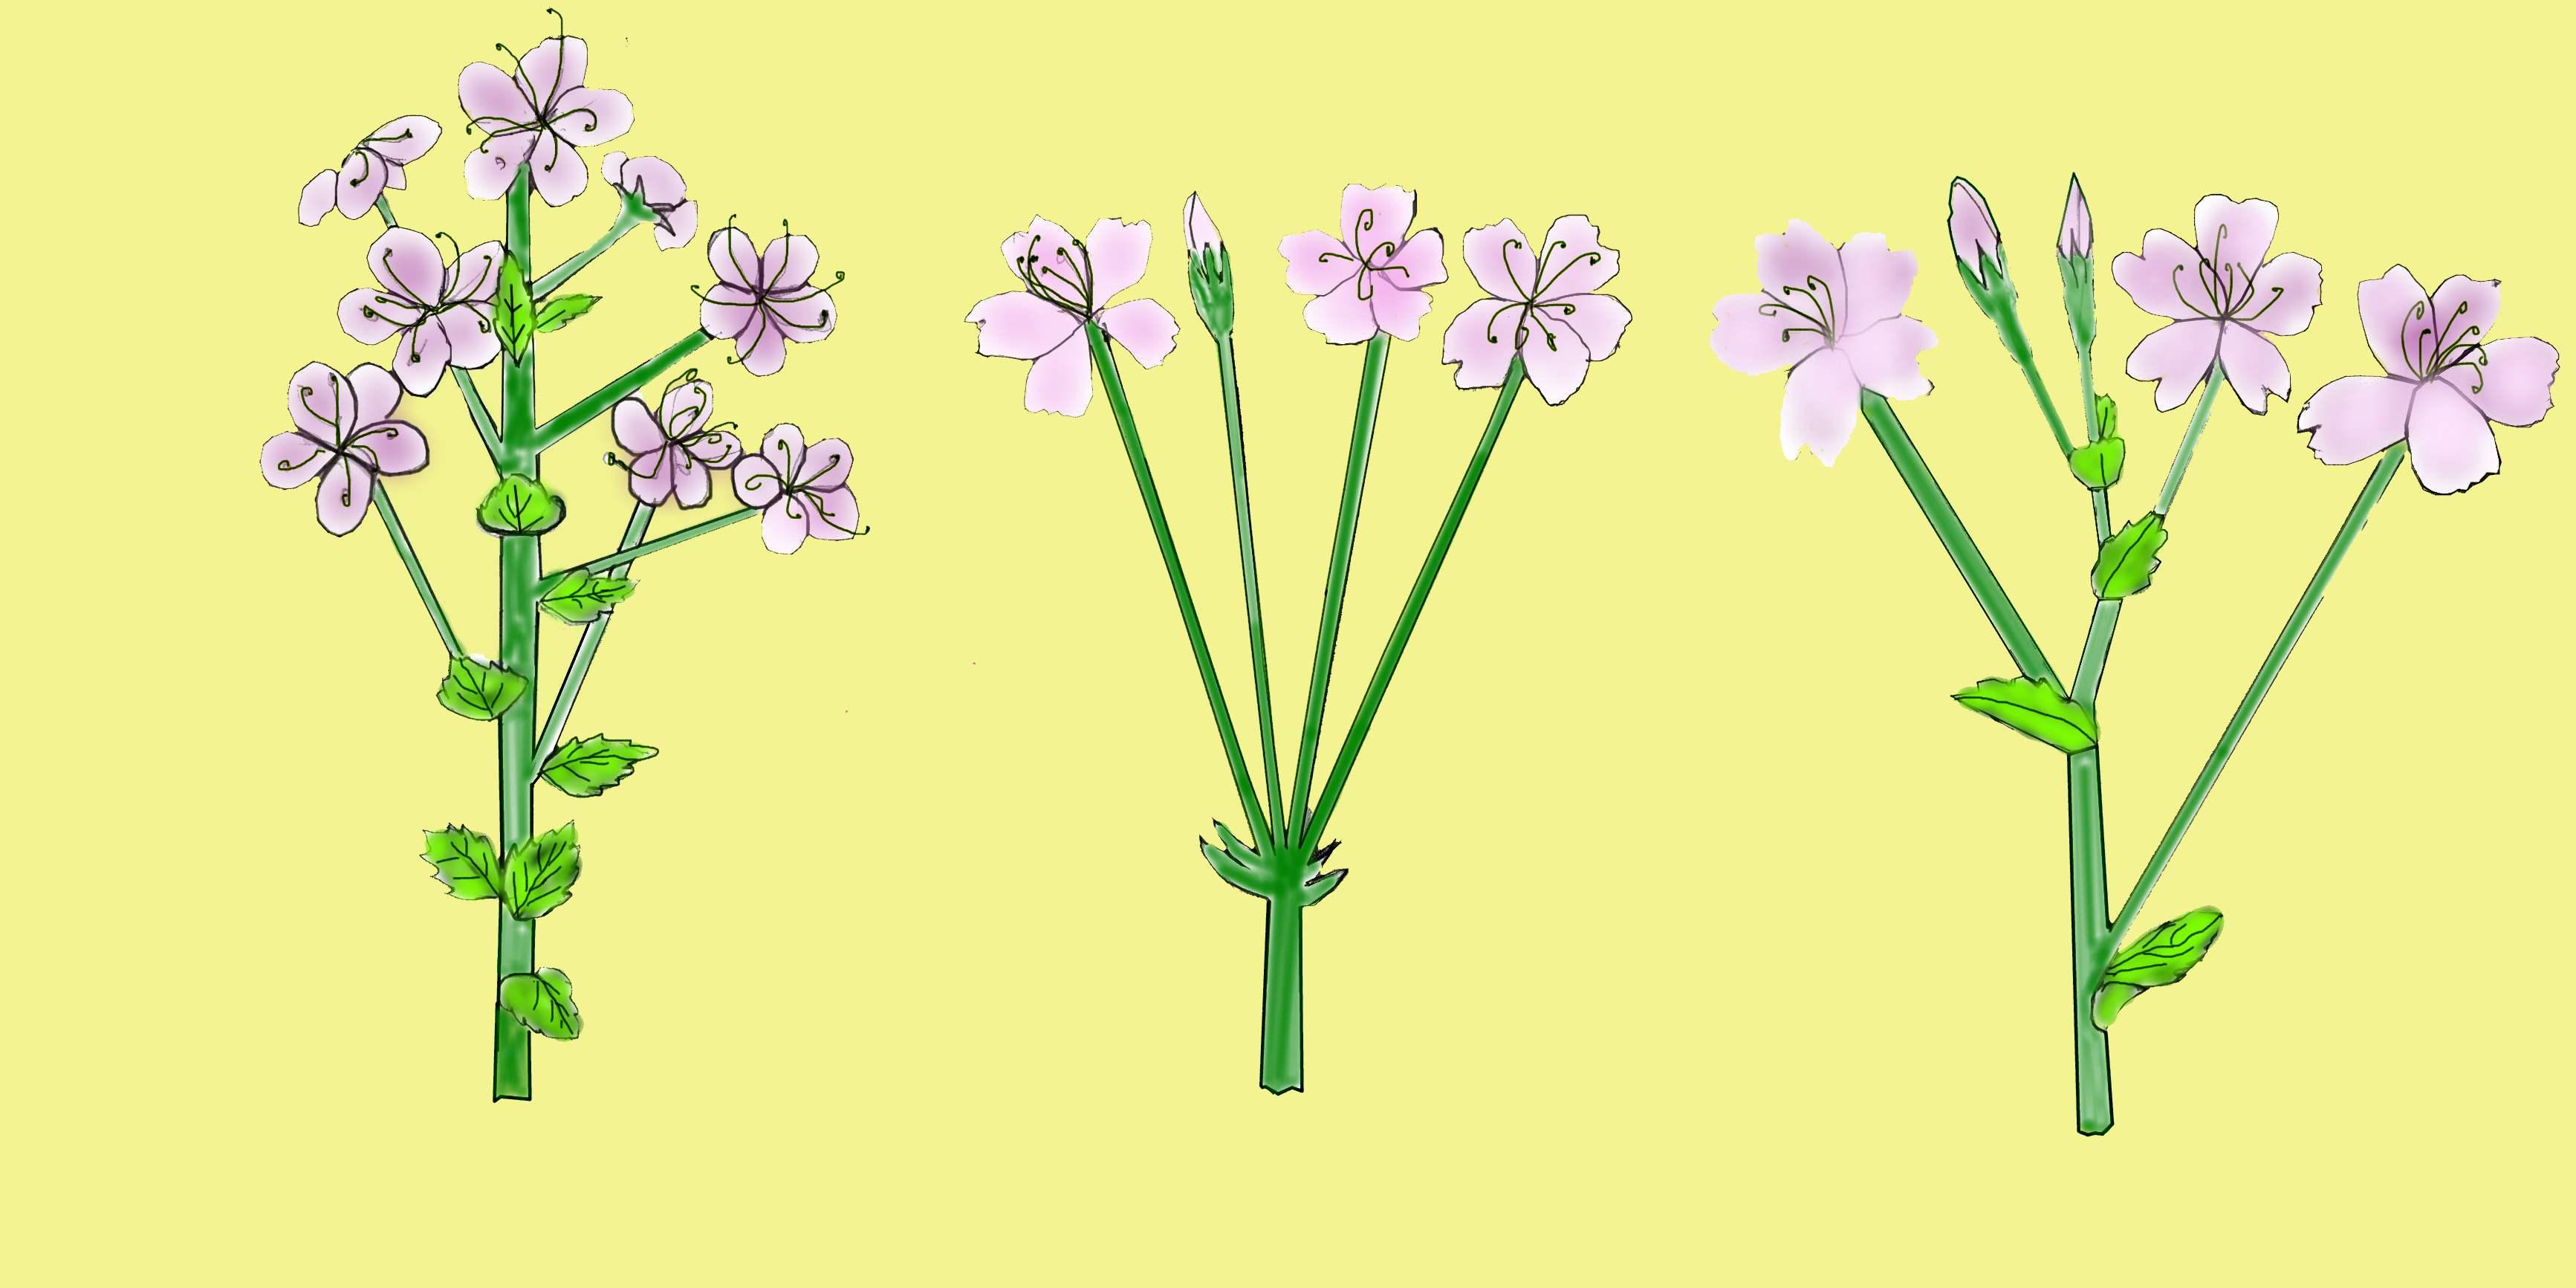 خرید گل و هدیه گل فروشی اینترنتی ایگل فروشگاه آنلاین